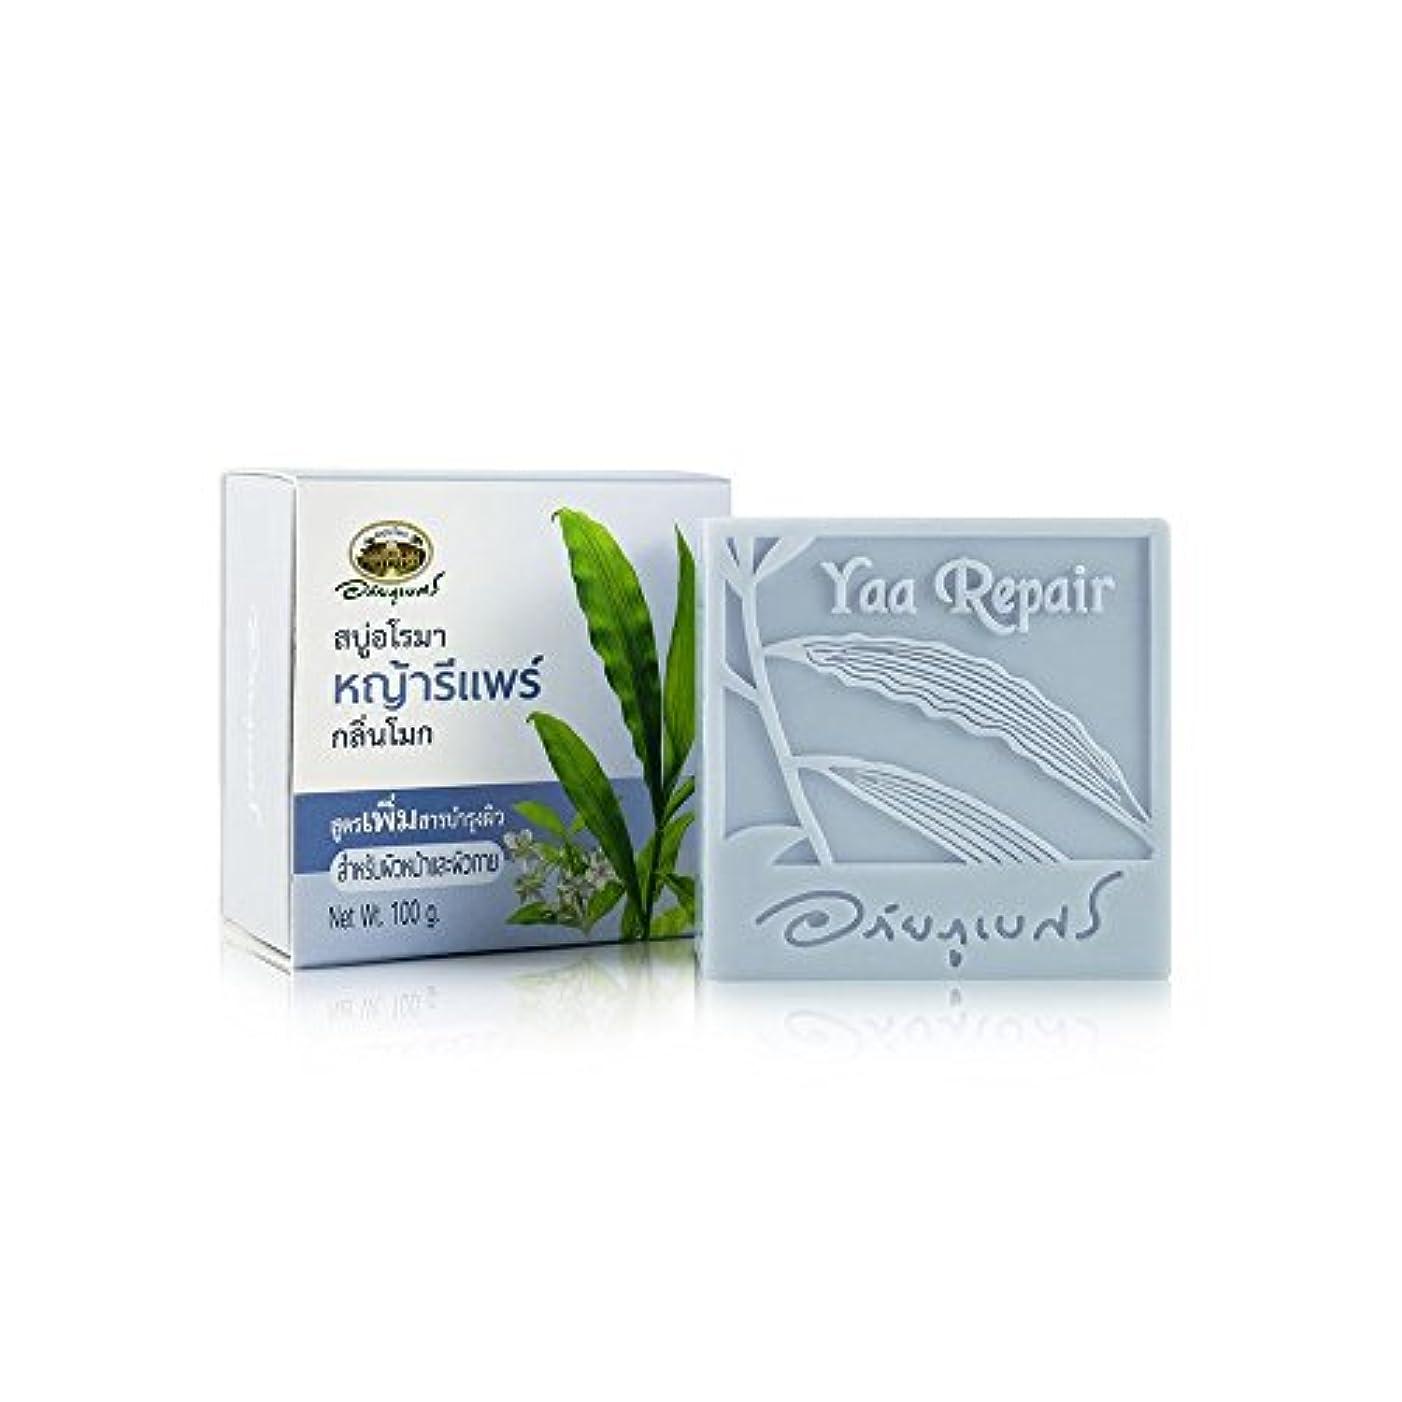 ピアニスト湾血まみれのAbhaibhubejhr Thai Aromatherapy With Moke Flower Skin Care Formula Herbal Body Face Cleaning Soap 100g. Abhaibhubejhr...